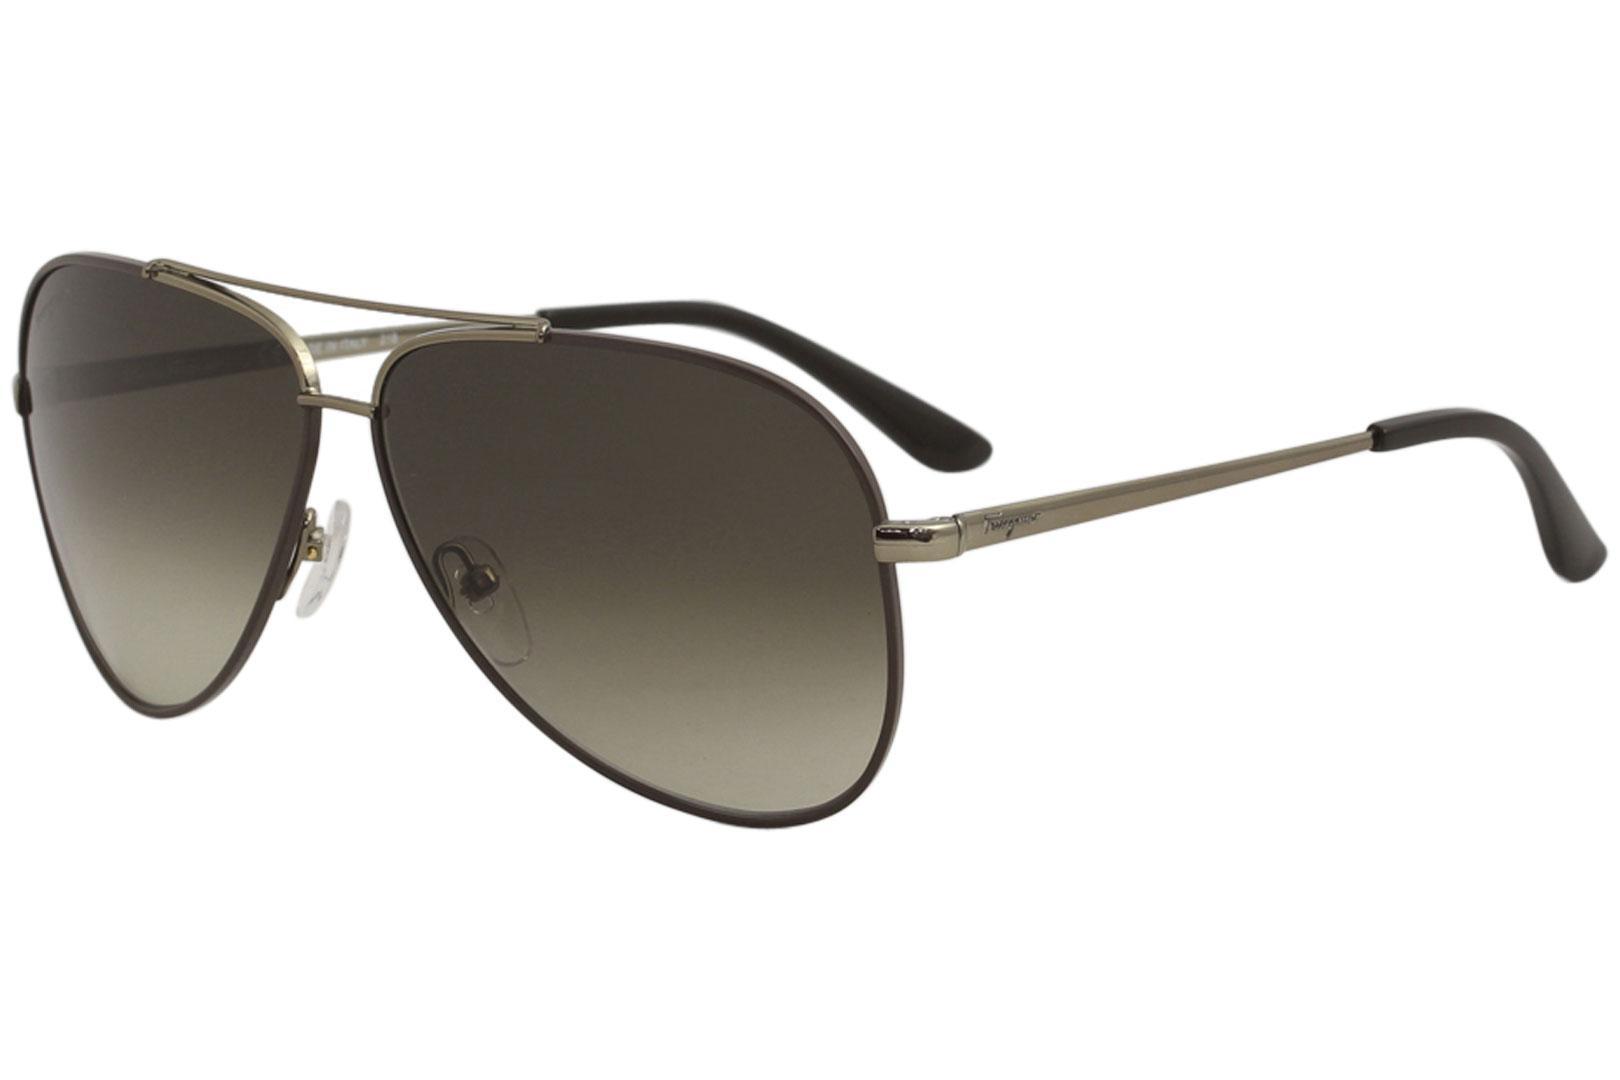 4bd363486c7 Salvatore Ferragamo Women s 131S 131 S Fashion Pilot Sunglasses